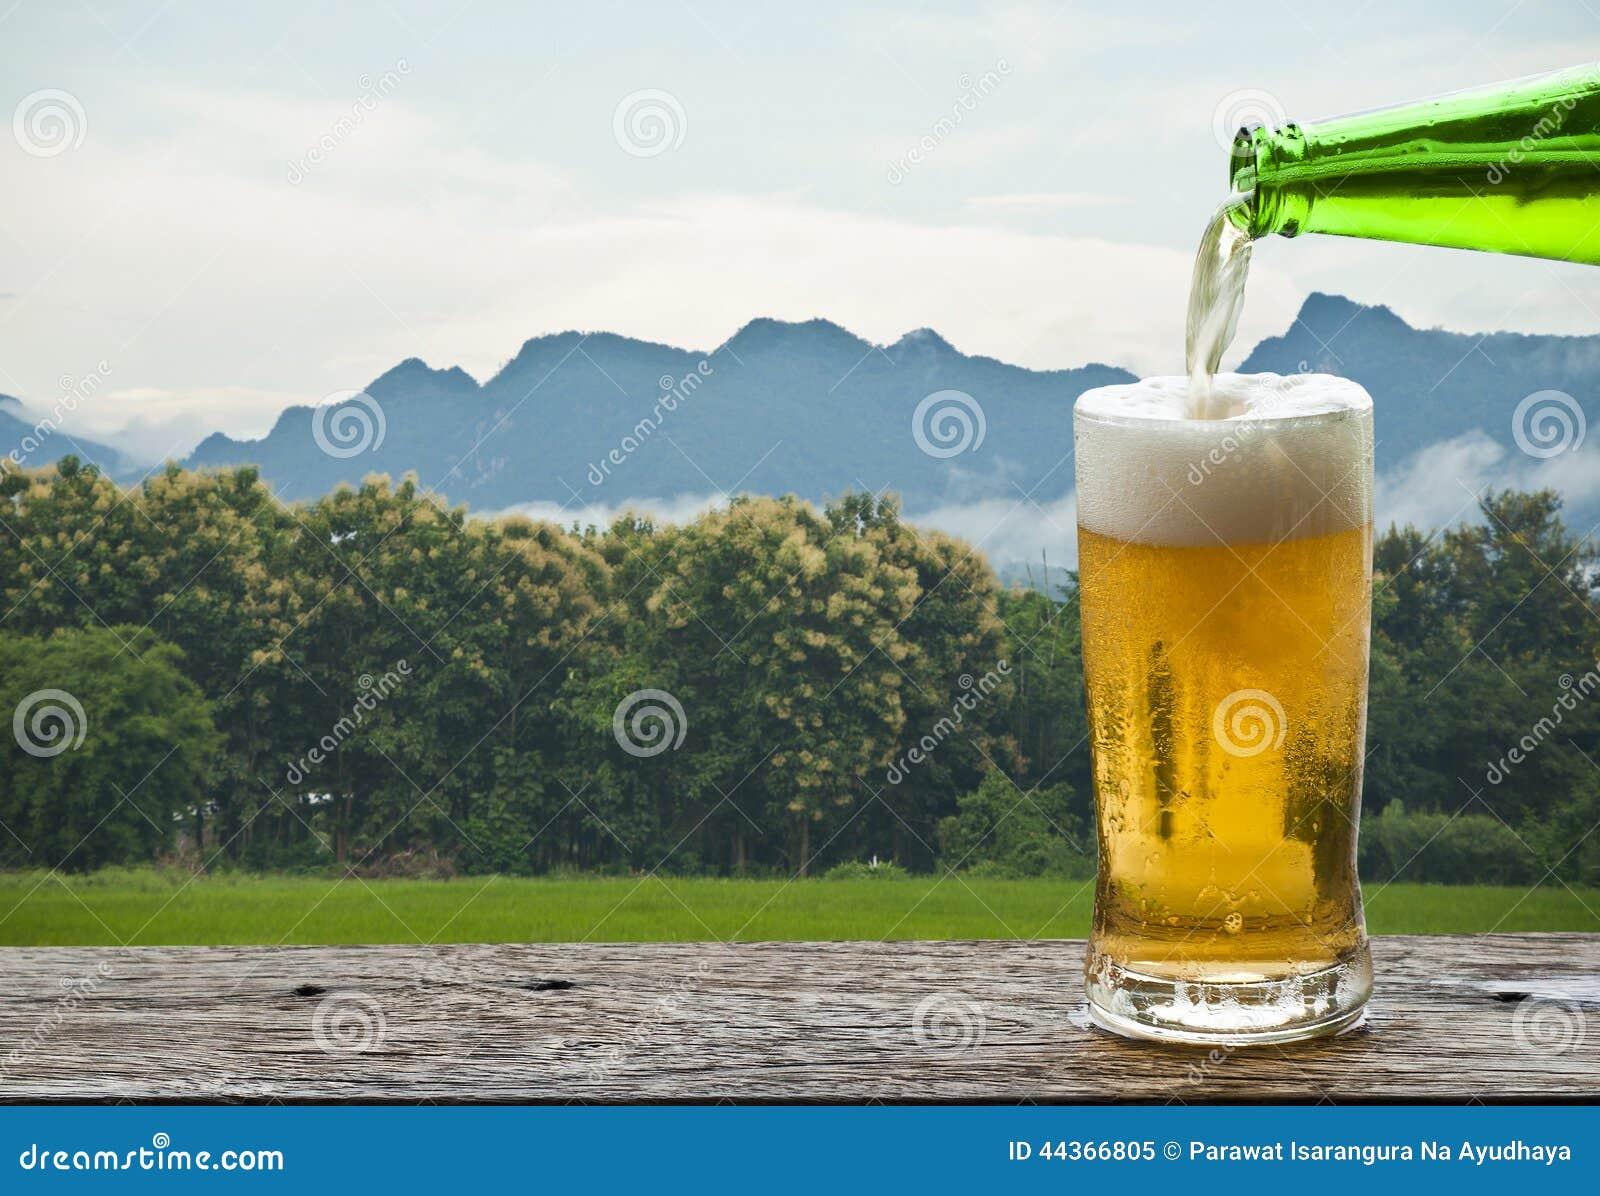 Goda della birra con il paesaggio della montagna